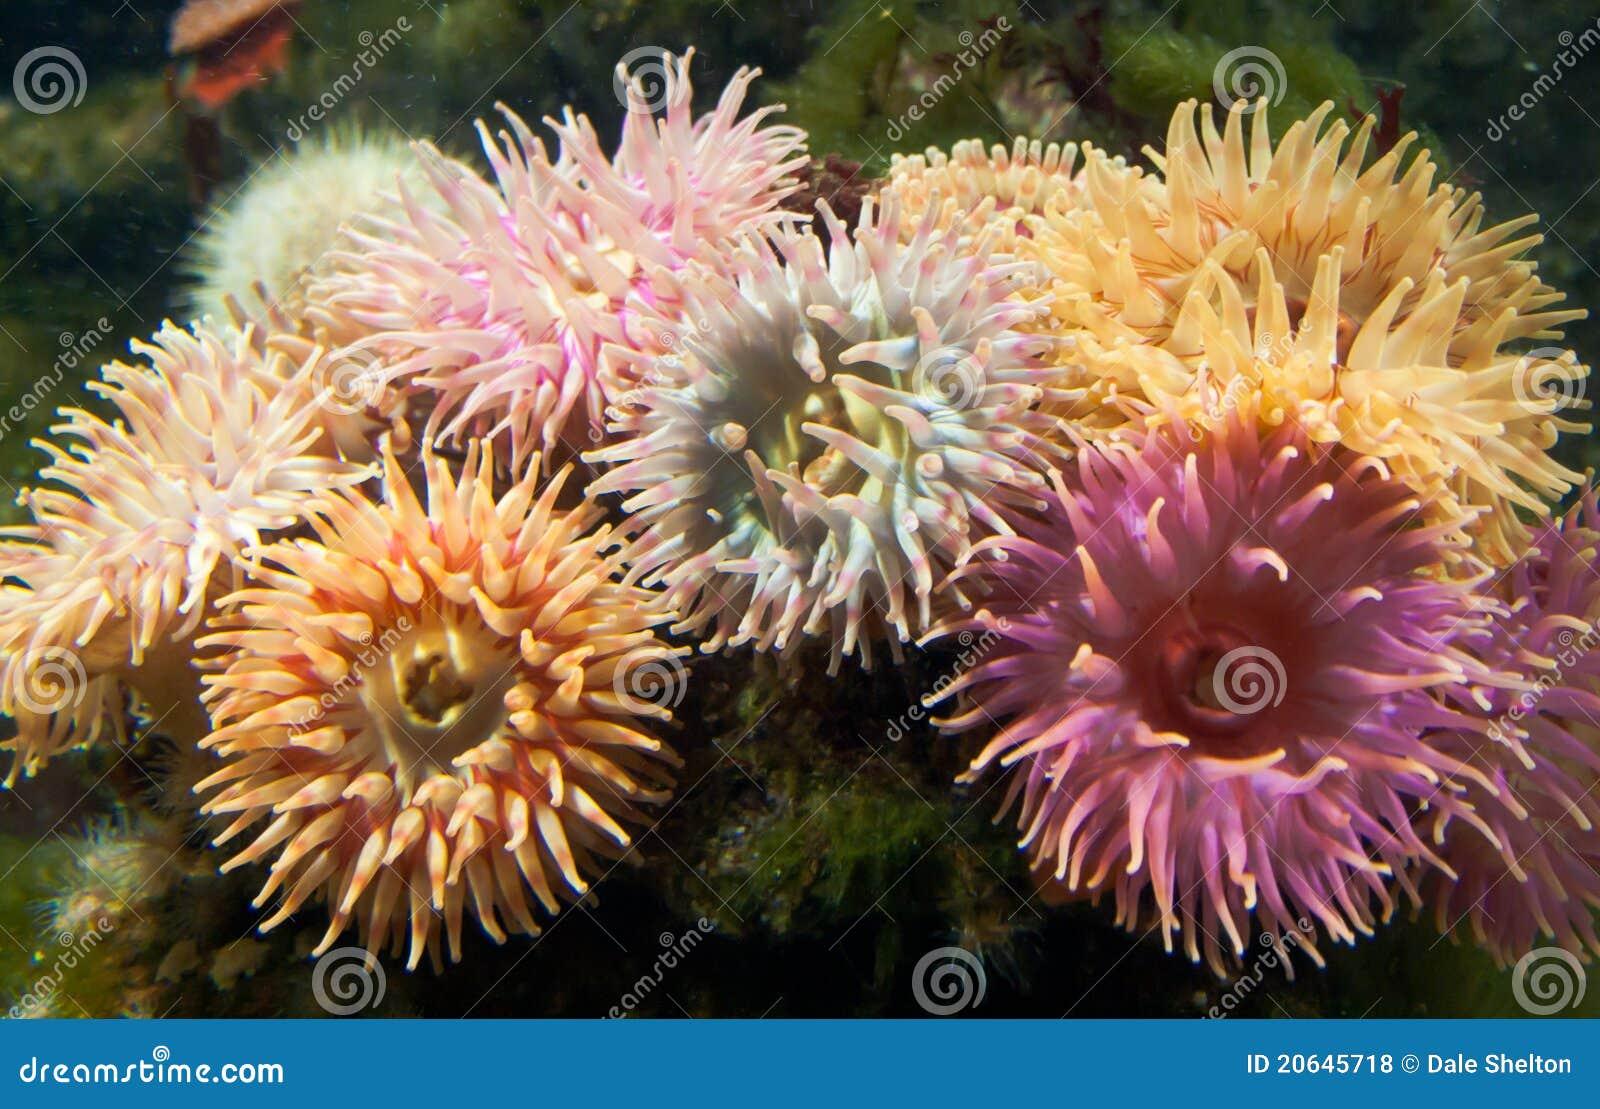 A cluster of Dahlia Anemones